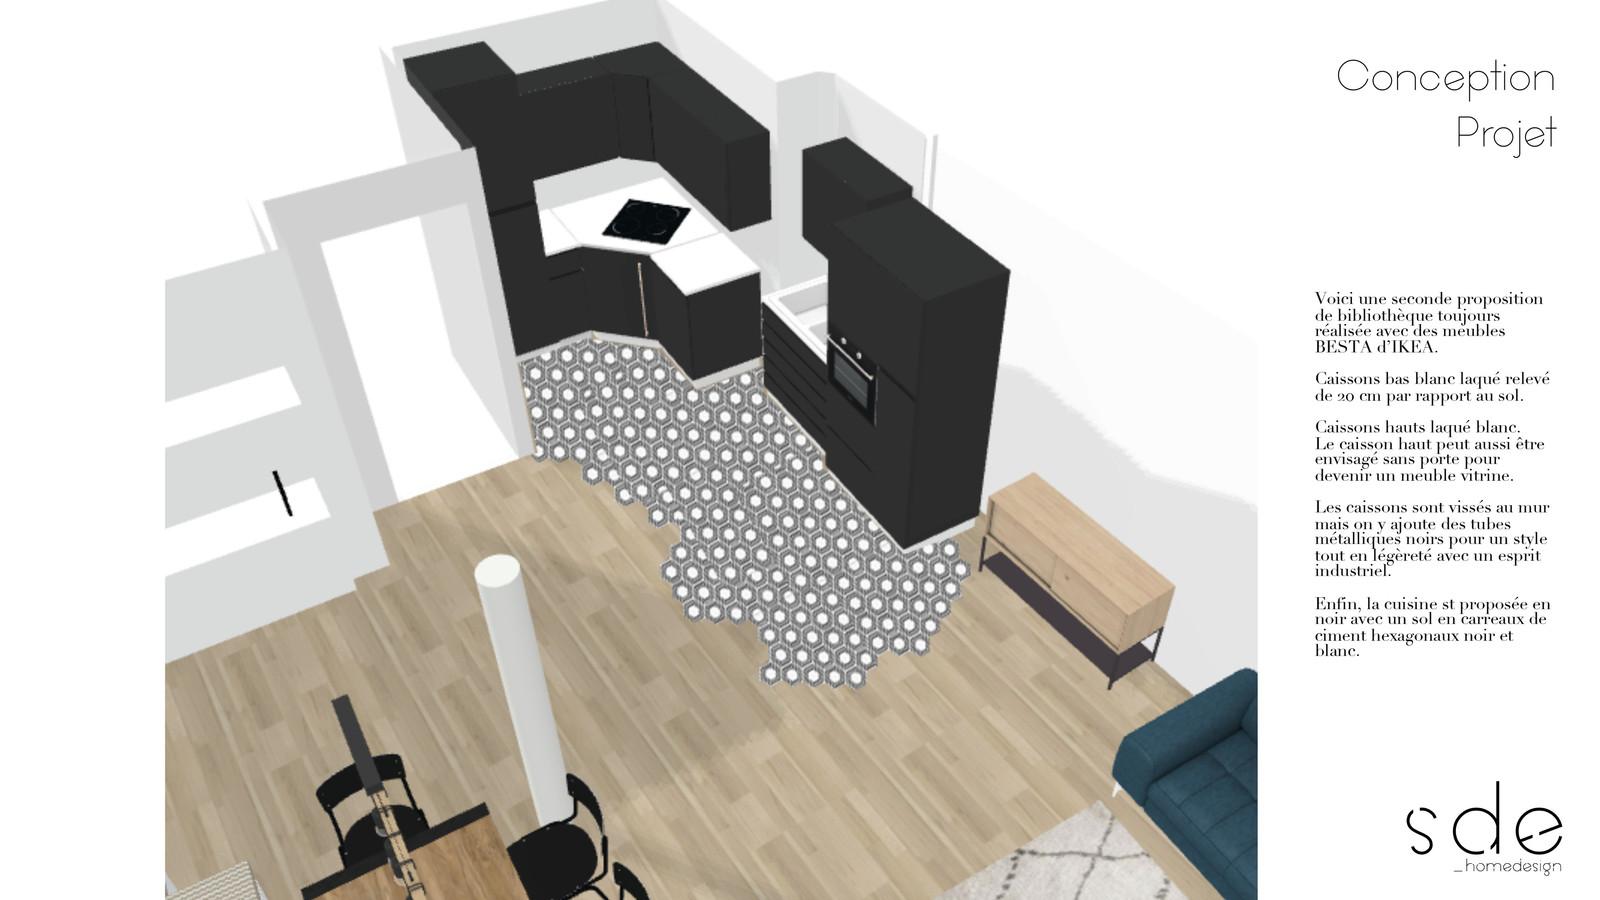 sde home design i conseil en decoration et amenagement interieur